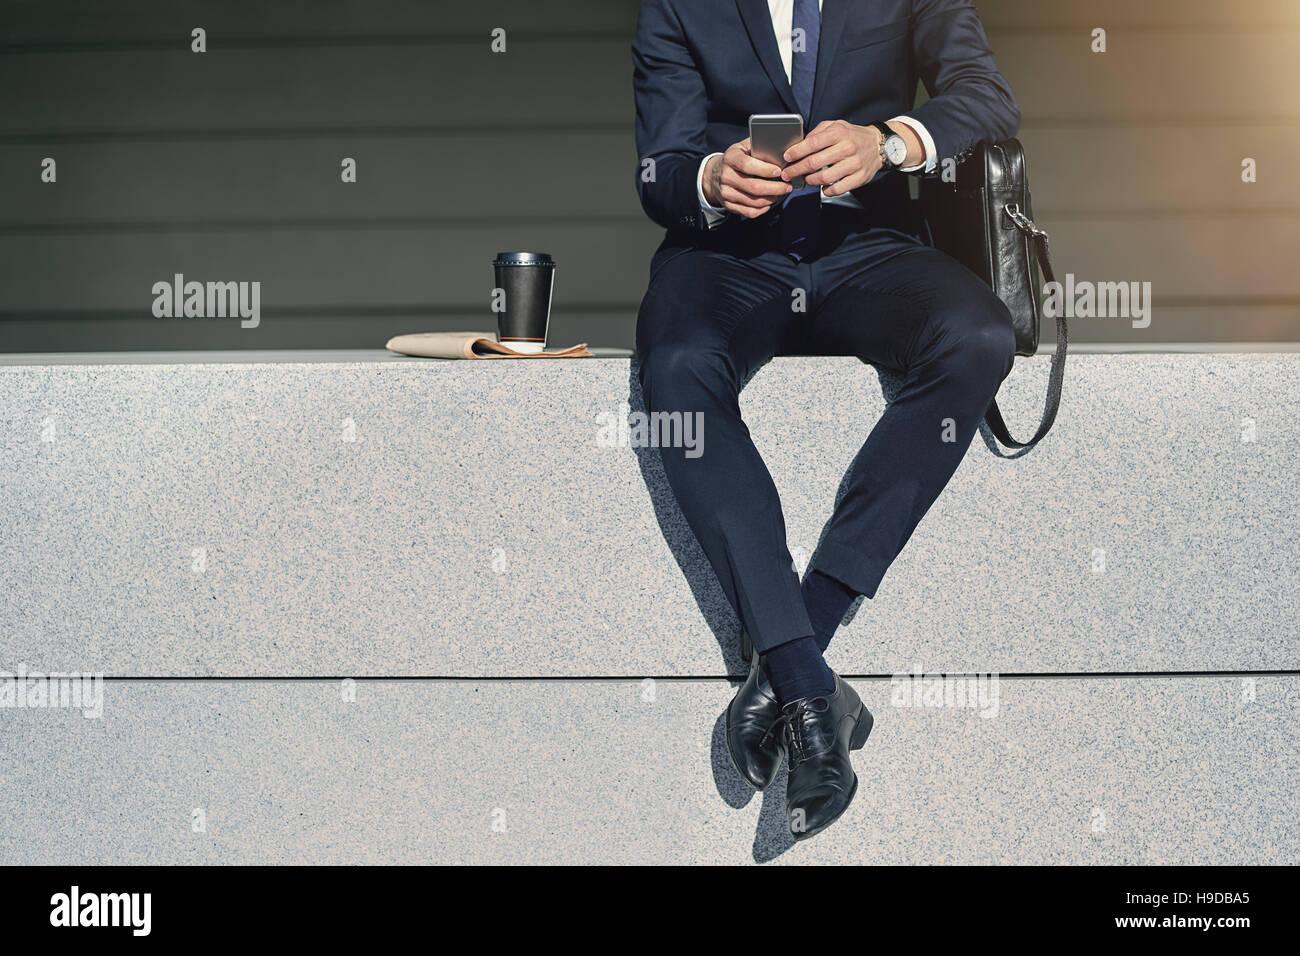 Las piernas cruzadas del empresario sentado con teléfono celular. Disparó al aire libre horizontal Foto de stock